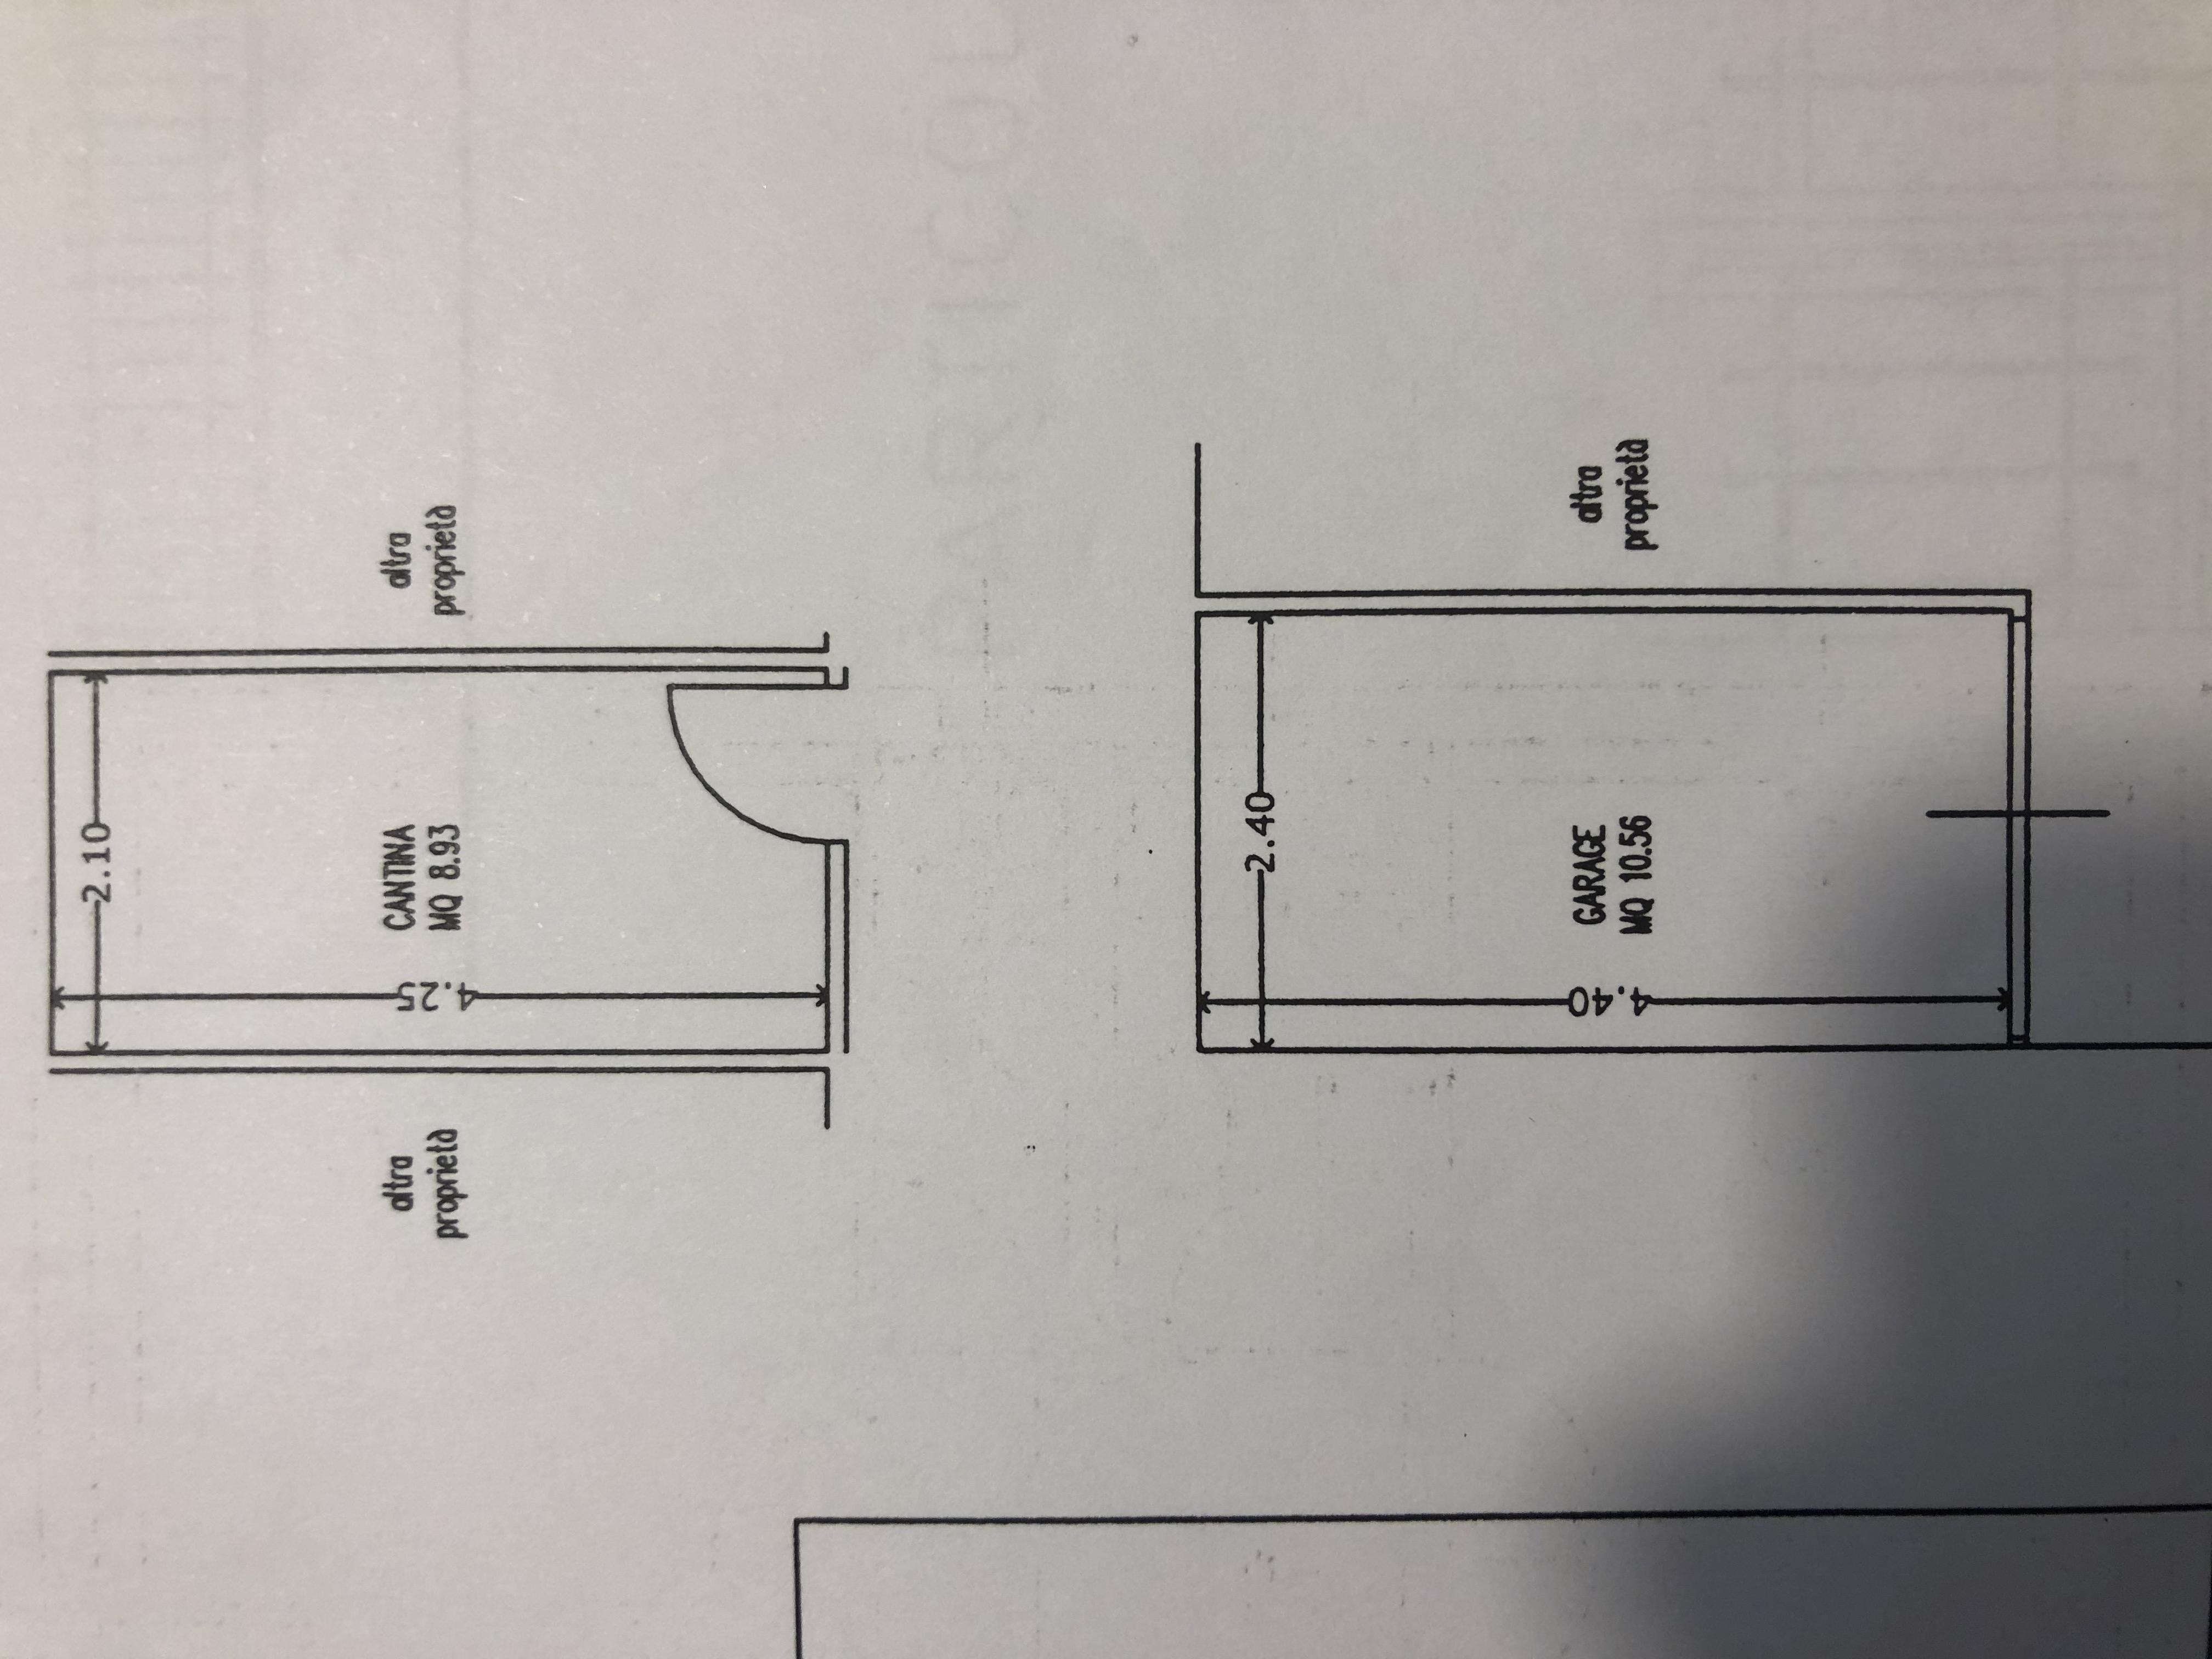 Appartamento in vendita, rif. F/0429 (Planimetria 2/2)